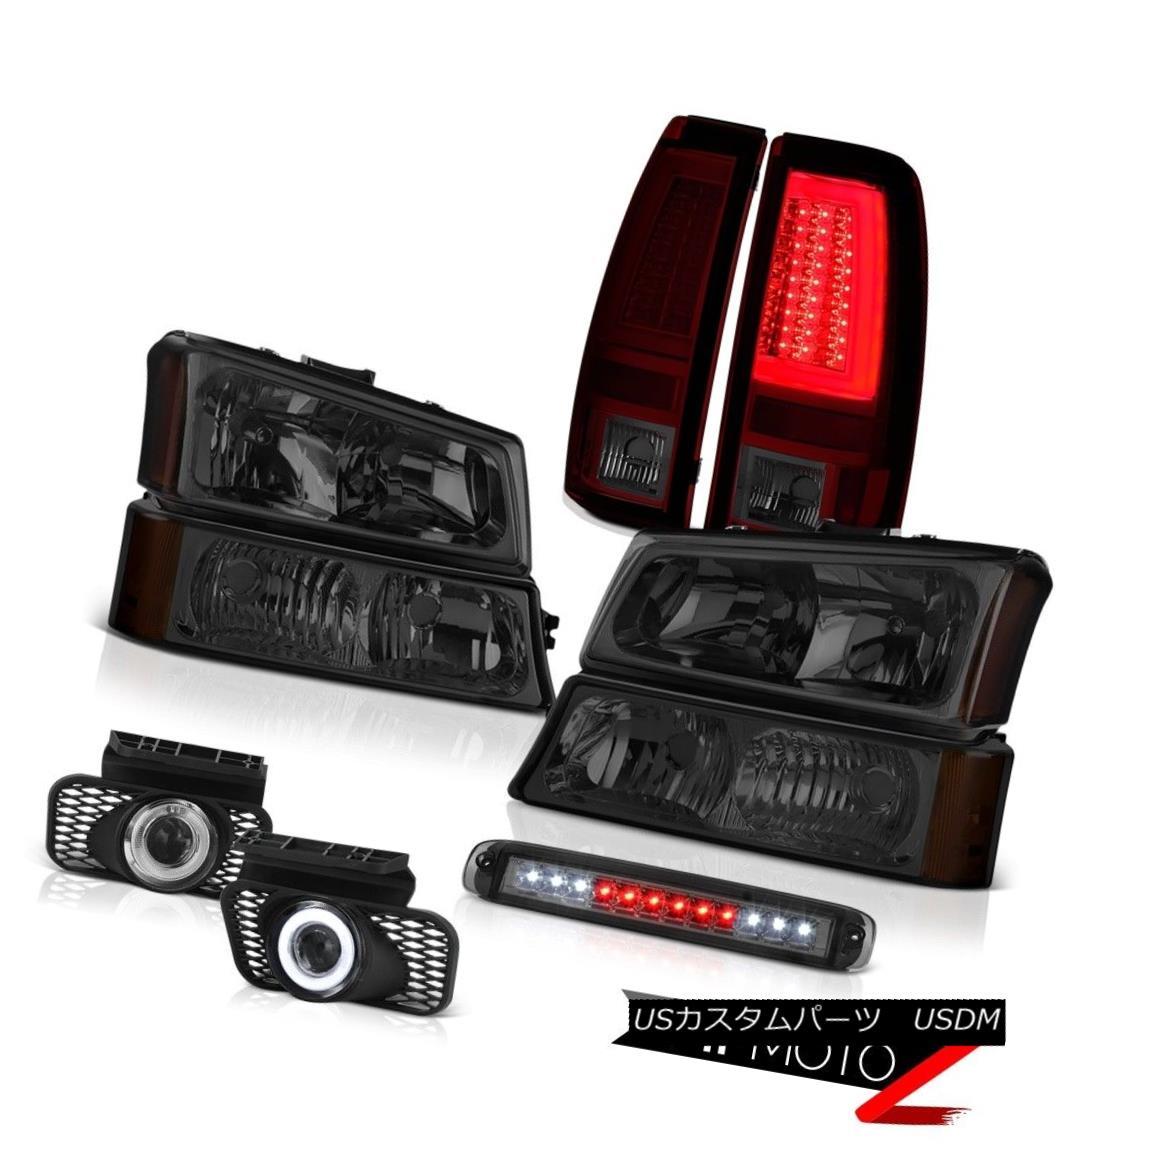 テールライト 03-06 Chevy Silverado Tail Lights 3RD Brake Lamp Headlights Foglights OLED Prism 03-06 Chevy Silveradoテールライト3RDブレーキランプヘッドライトフォグライトOLEDプリズム